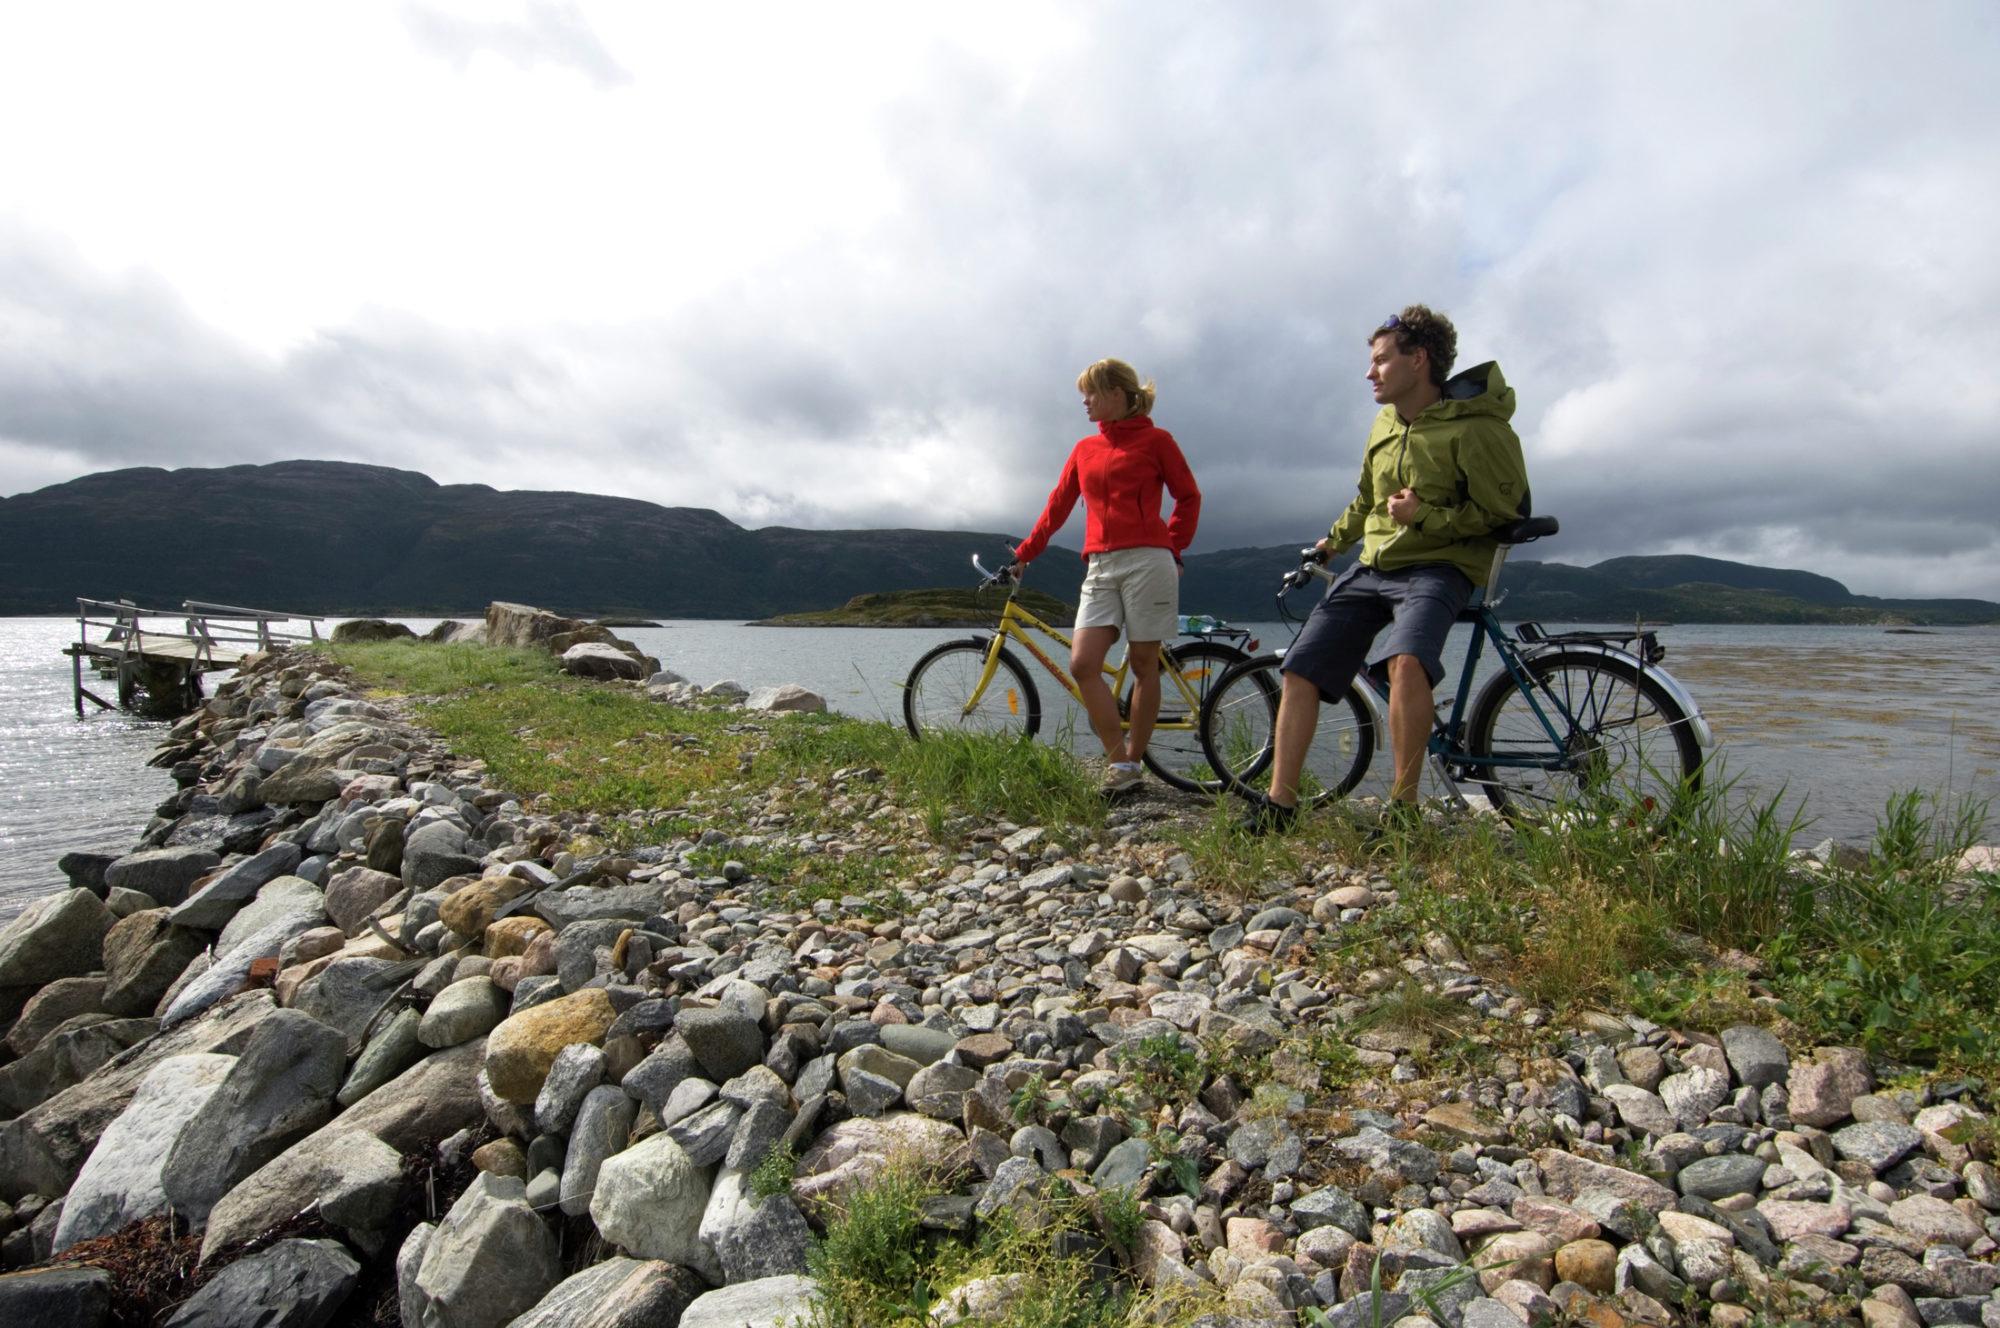 Terje Rakke/Nordic life - Visitnorway.com